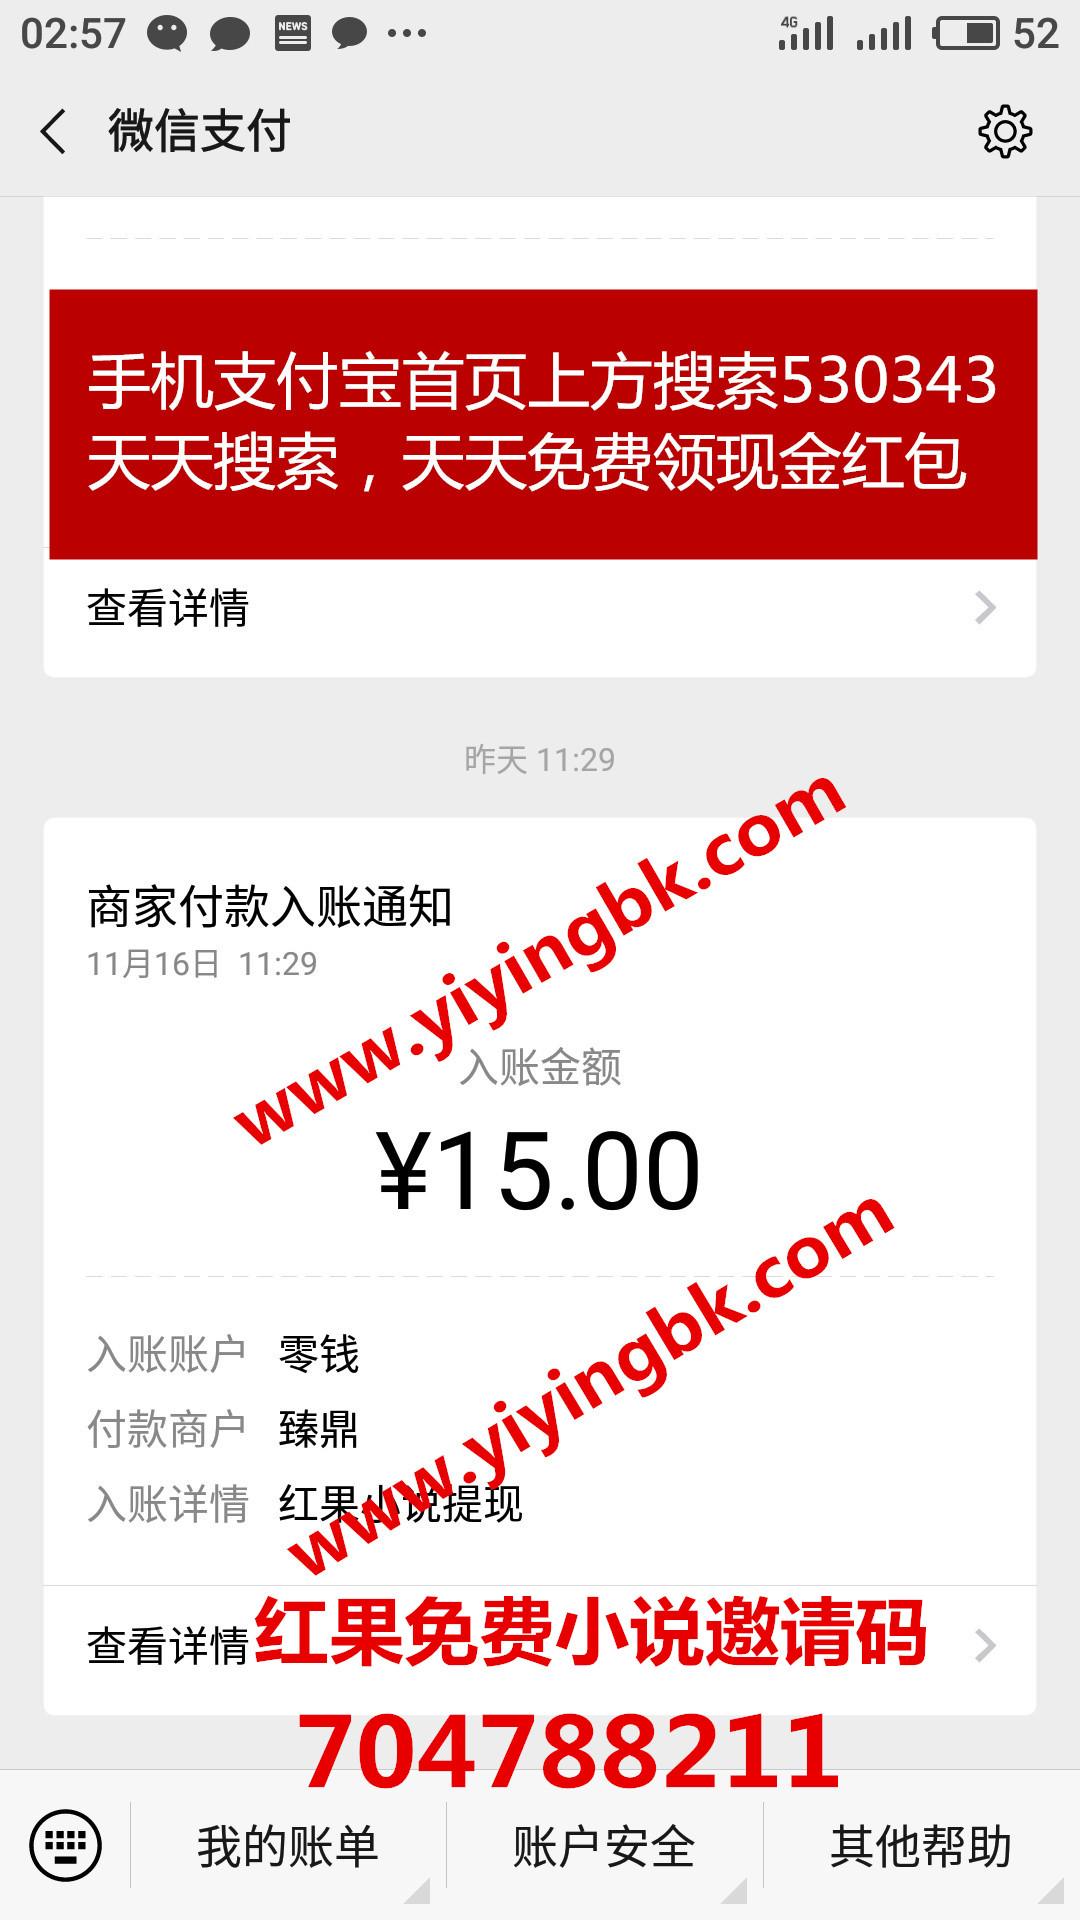 免费看小说领红包,微信提现15元到账。